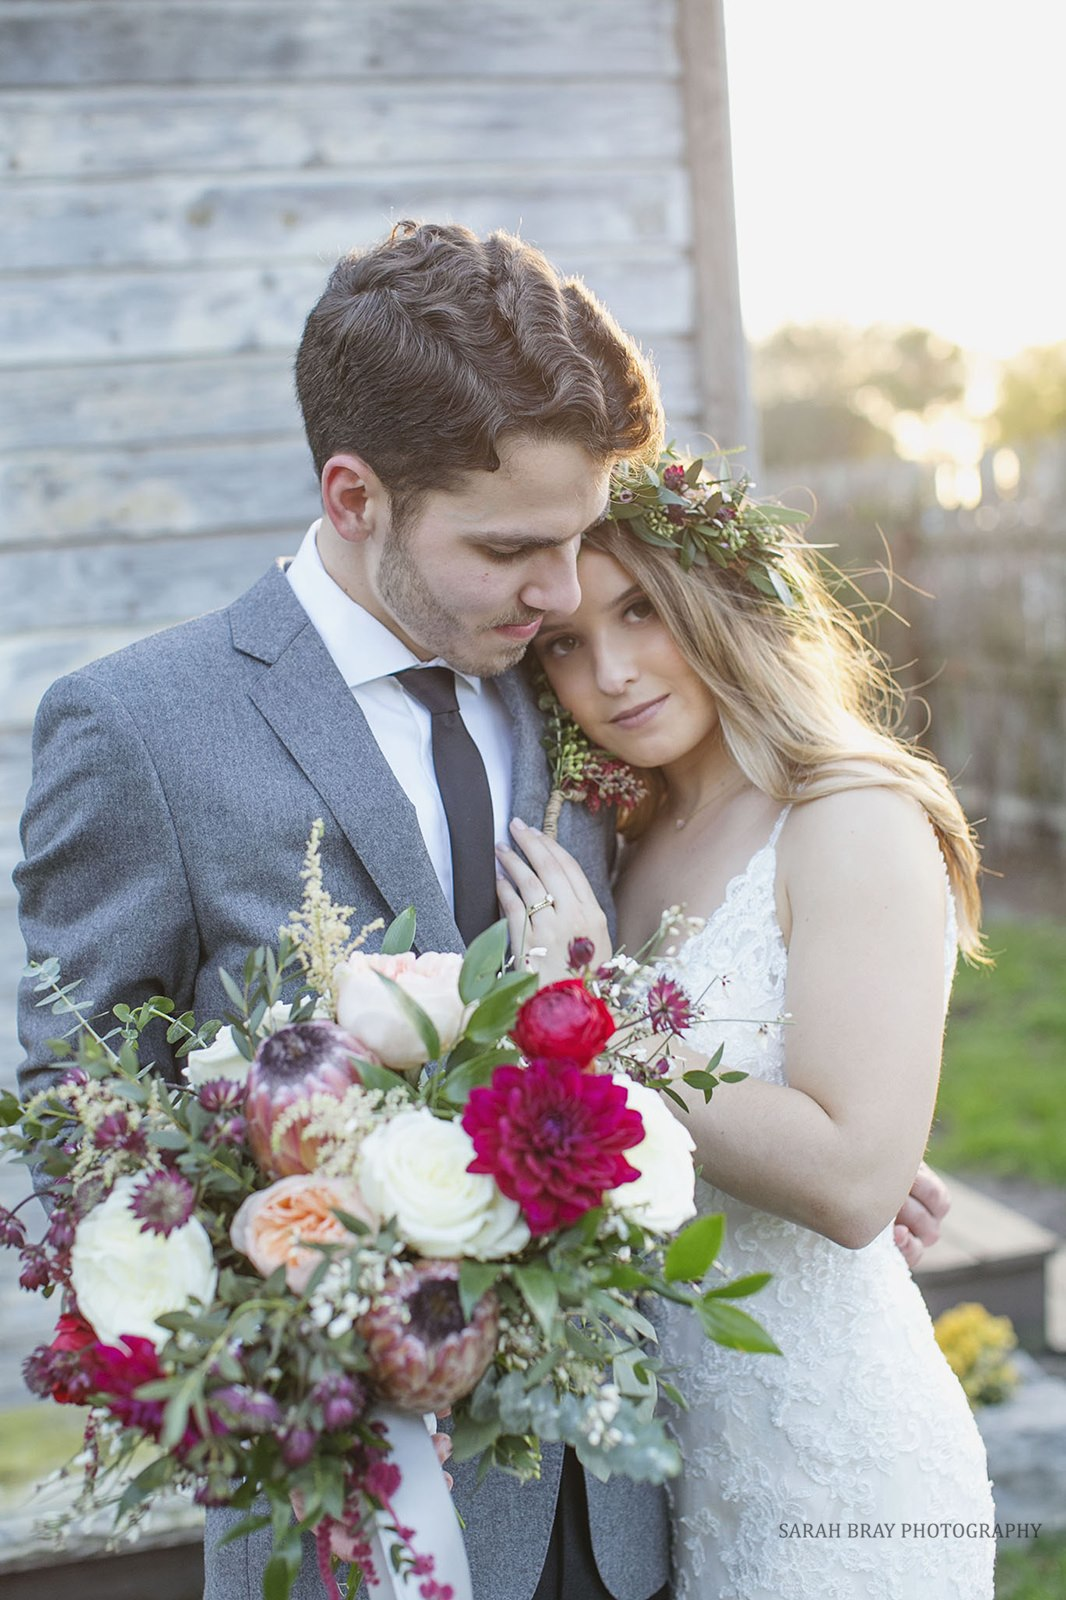 Sarah Bray Photography Weddings Dani and